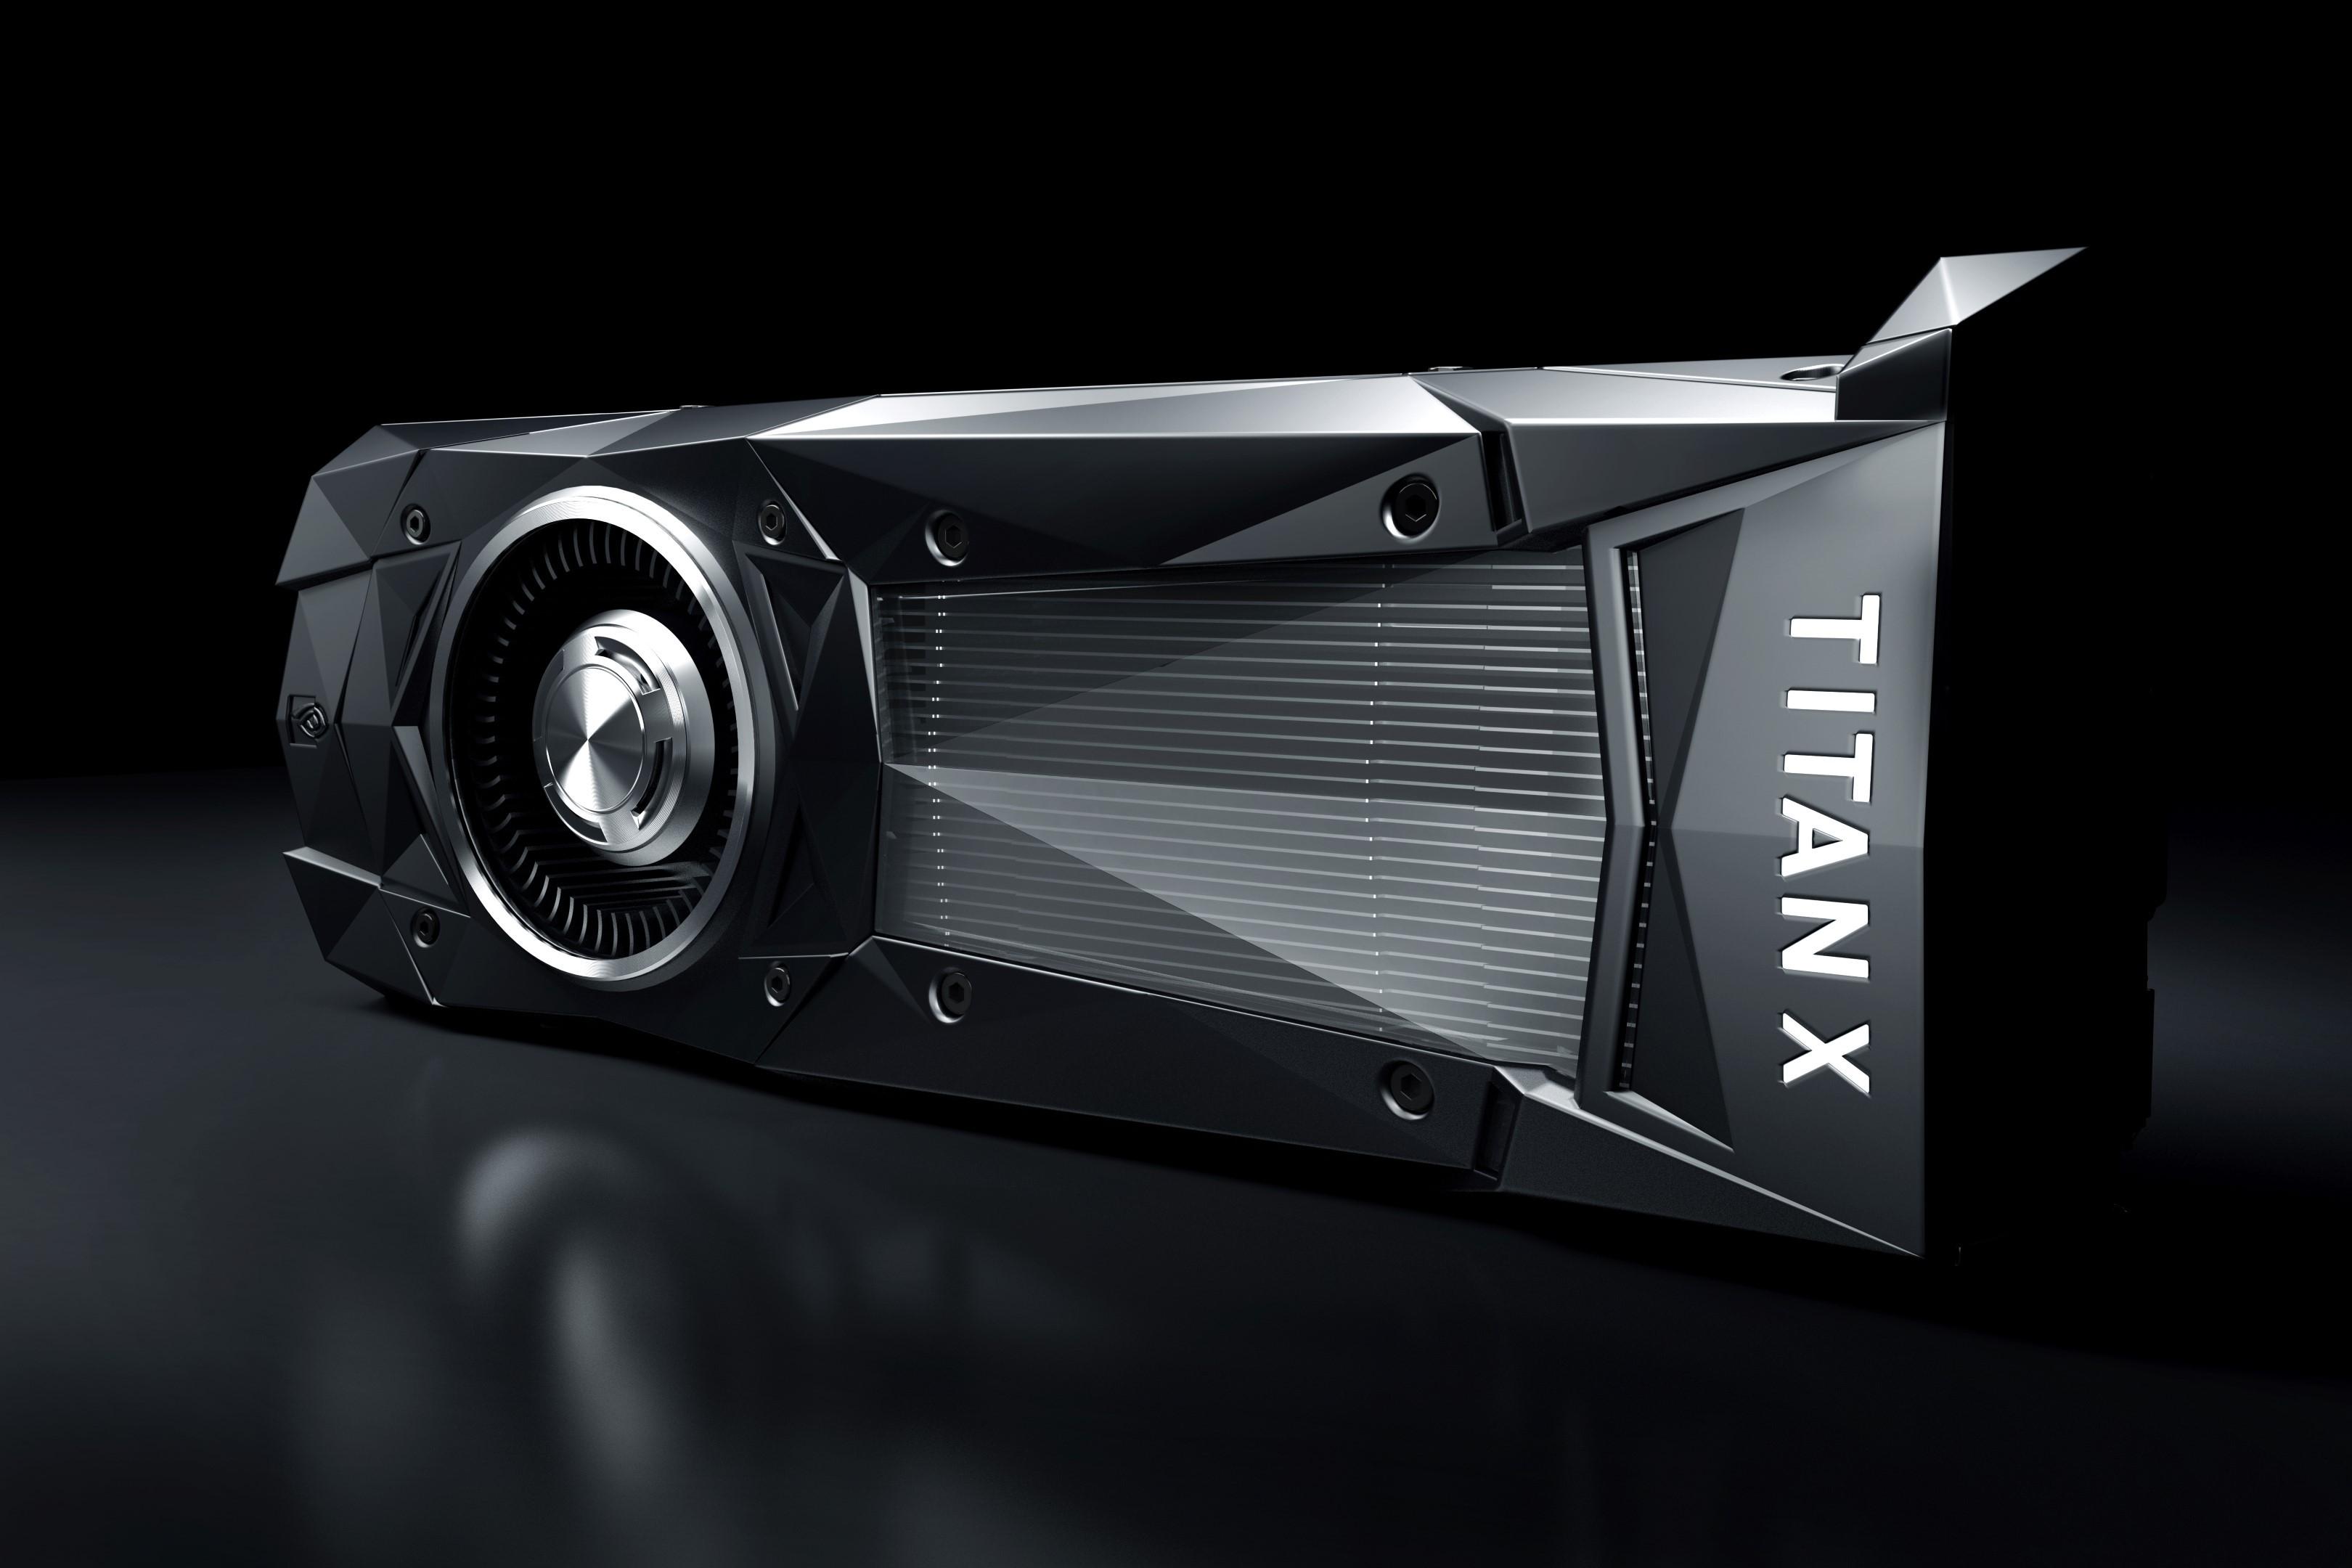 Nova grafična kartica Titan X je kar 60 odstotkov zmogljivejša v primerjavi s predhodno različico.